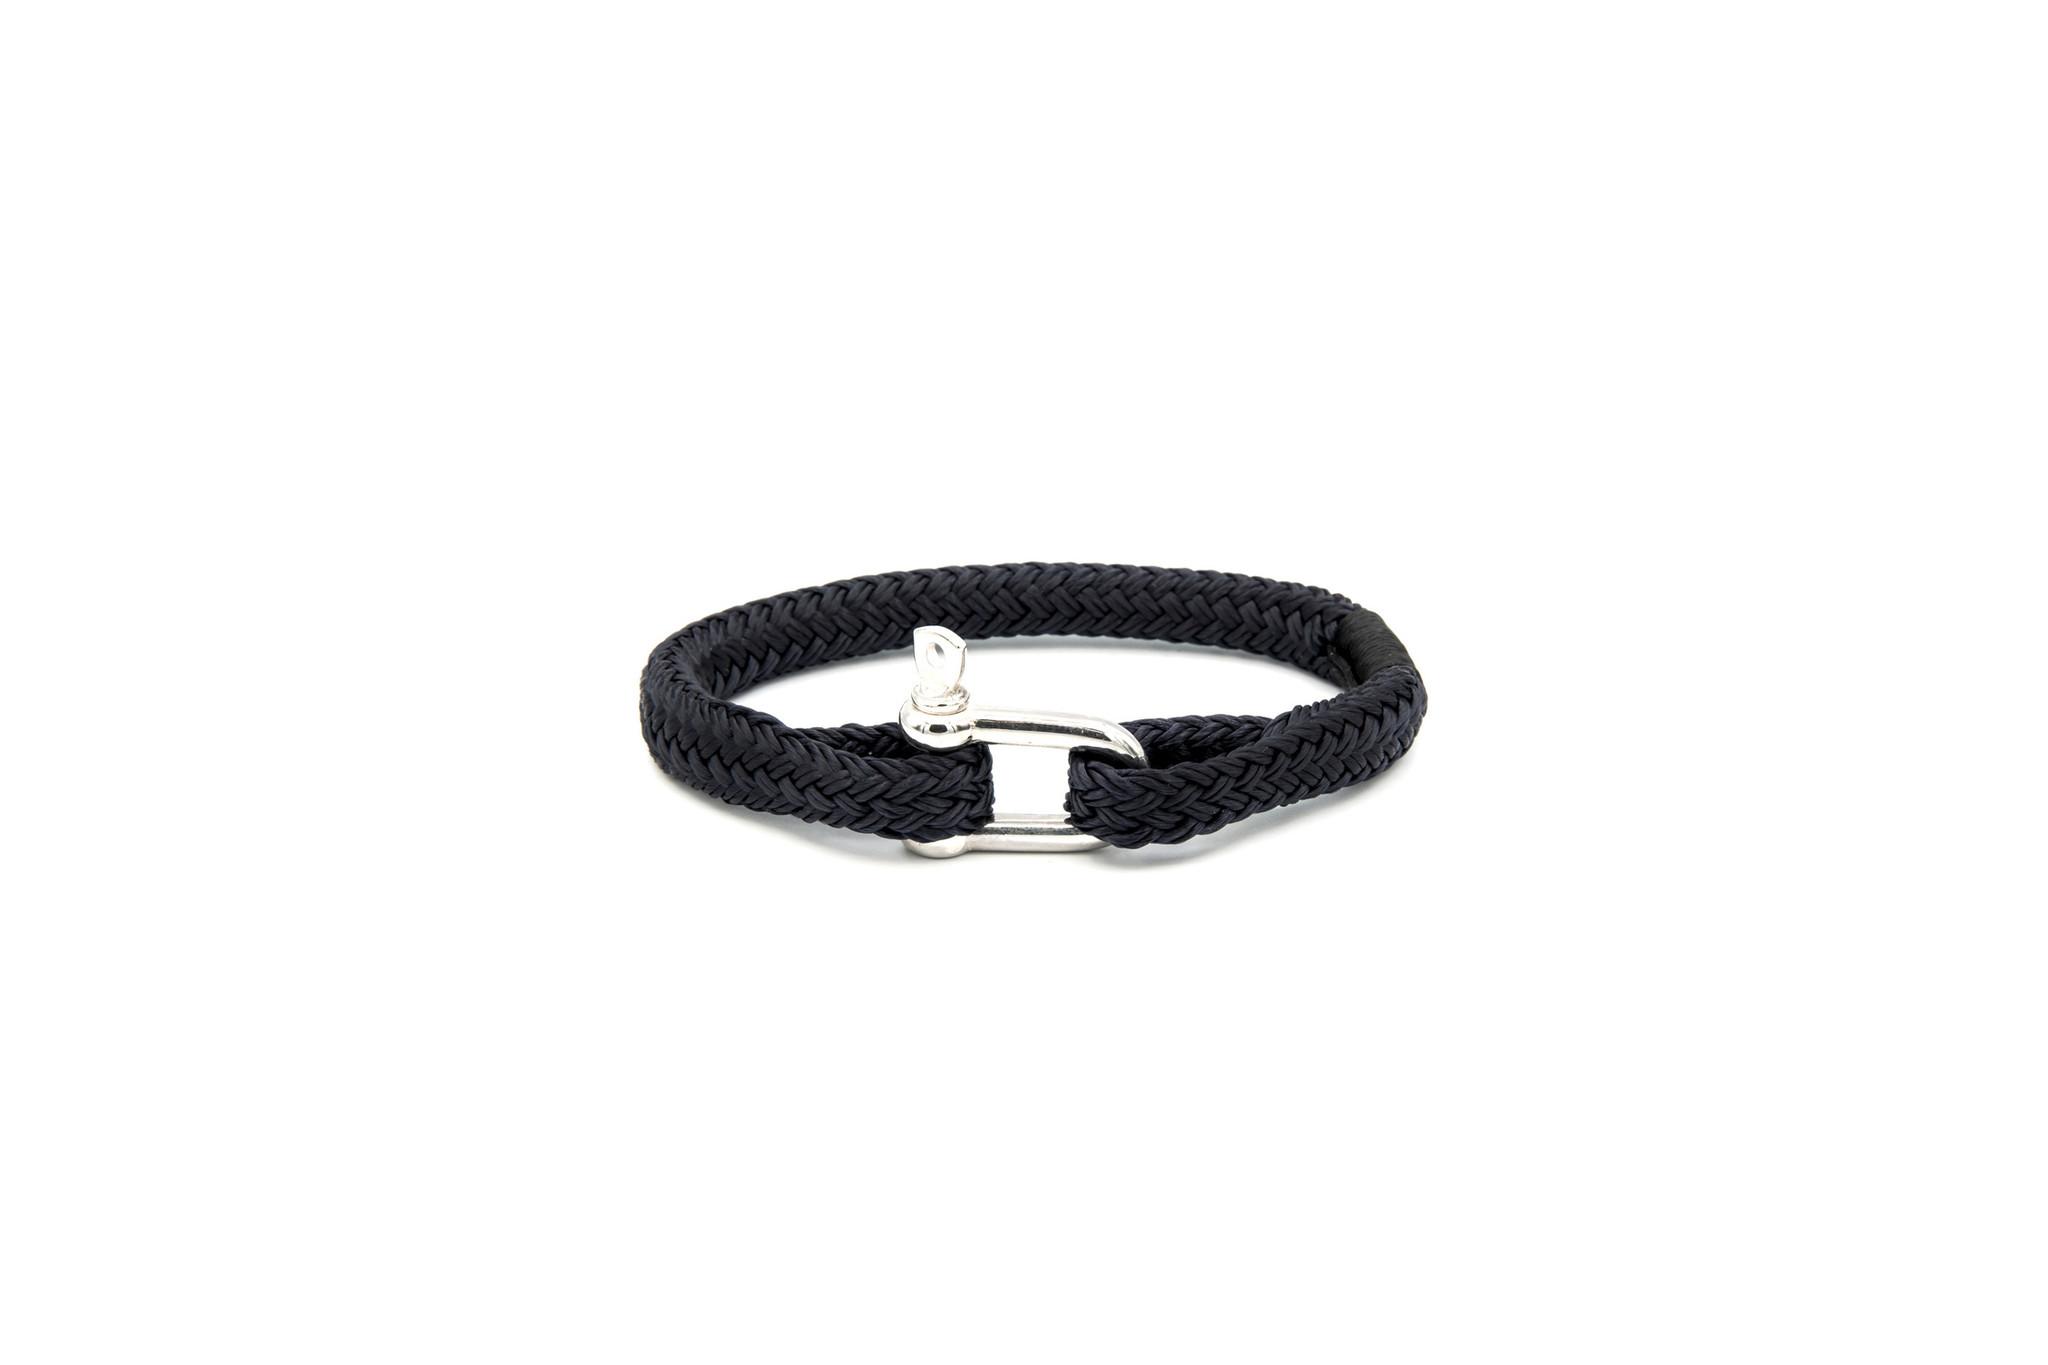 Armband marinekoord met shackle-2